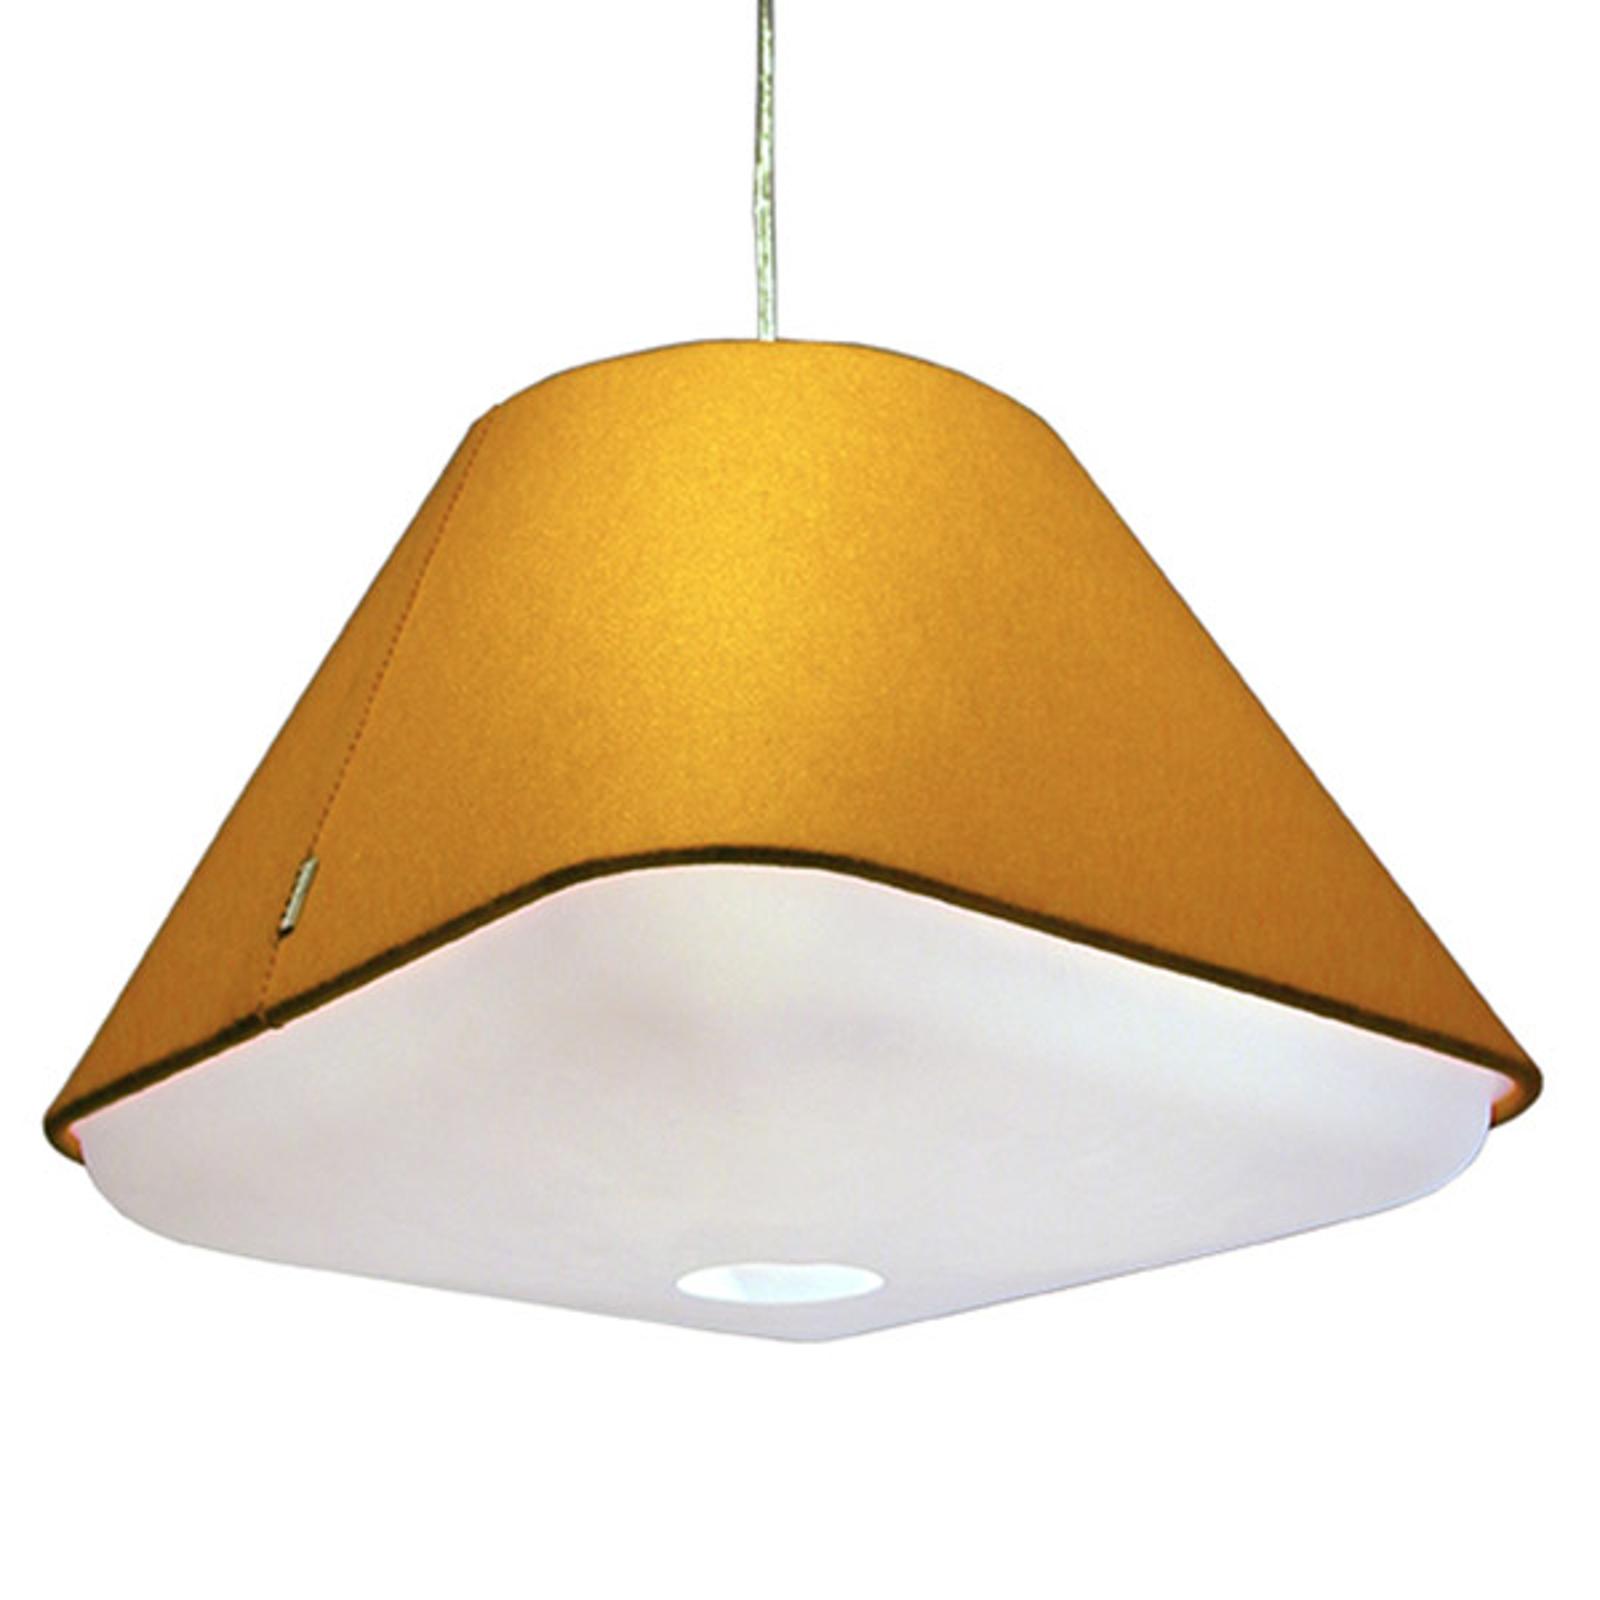 Innermost RD2SQ 40 - lampa wisząca ochra